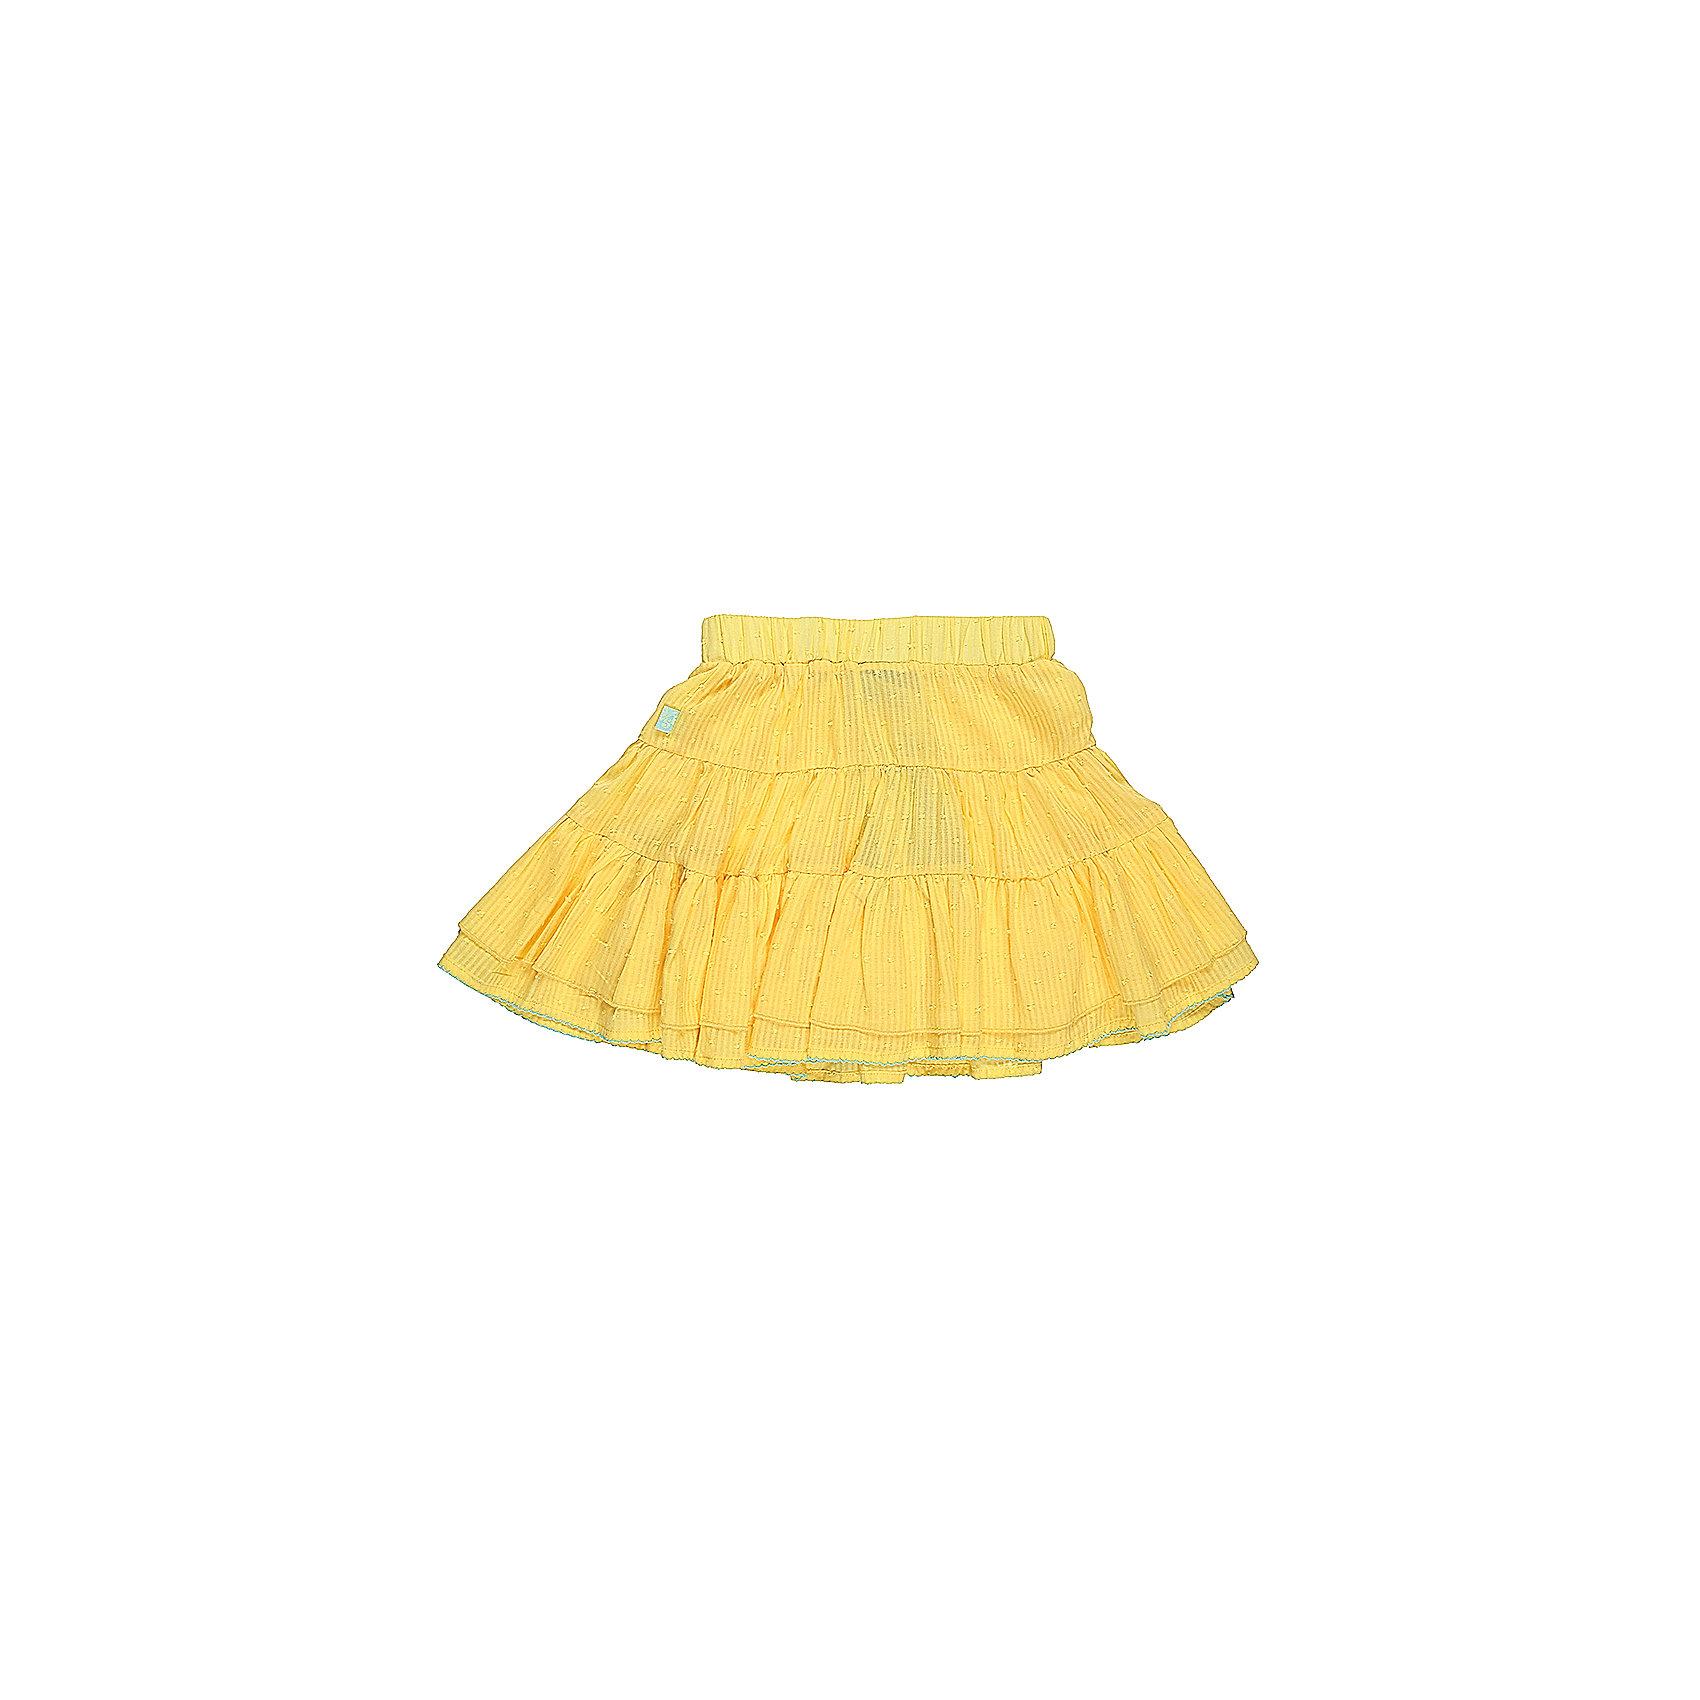 Юбка для девочки Sweet BerryЮбки<br>Трехъярусная трикотажная юбка для девочки. Декорированна контрастной ниткой по низу изделия. Эластичный пояс.<br>Состав:<br>Верх: 100% хлопок, Подкладка: 100%хлопок<br><br>Ширина мм: 207<br>Глубина мм: 10<br>Высота мм: 189<br>Вес г: 183<br>Цвет: желтый<br>Возраст от месяцев: 24<br>Возраст до месяцев: 36<br>Пол: Женский<br>Возраст: Детский<br>Размер: 104,110,116,122,128,98<br>SKU: 5412647